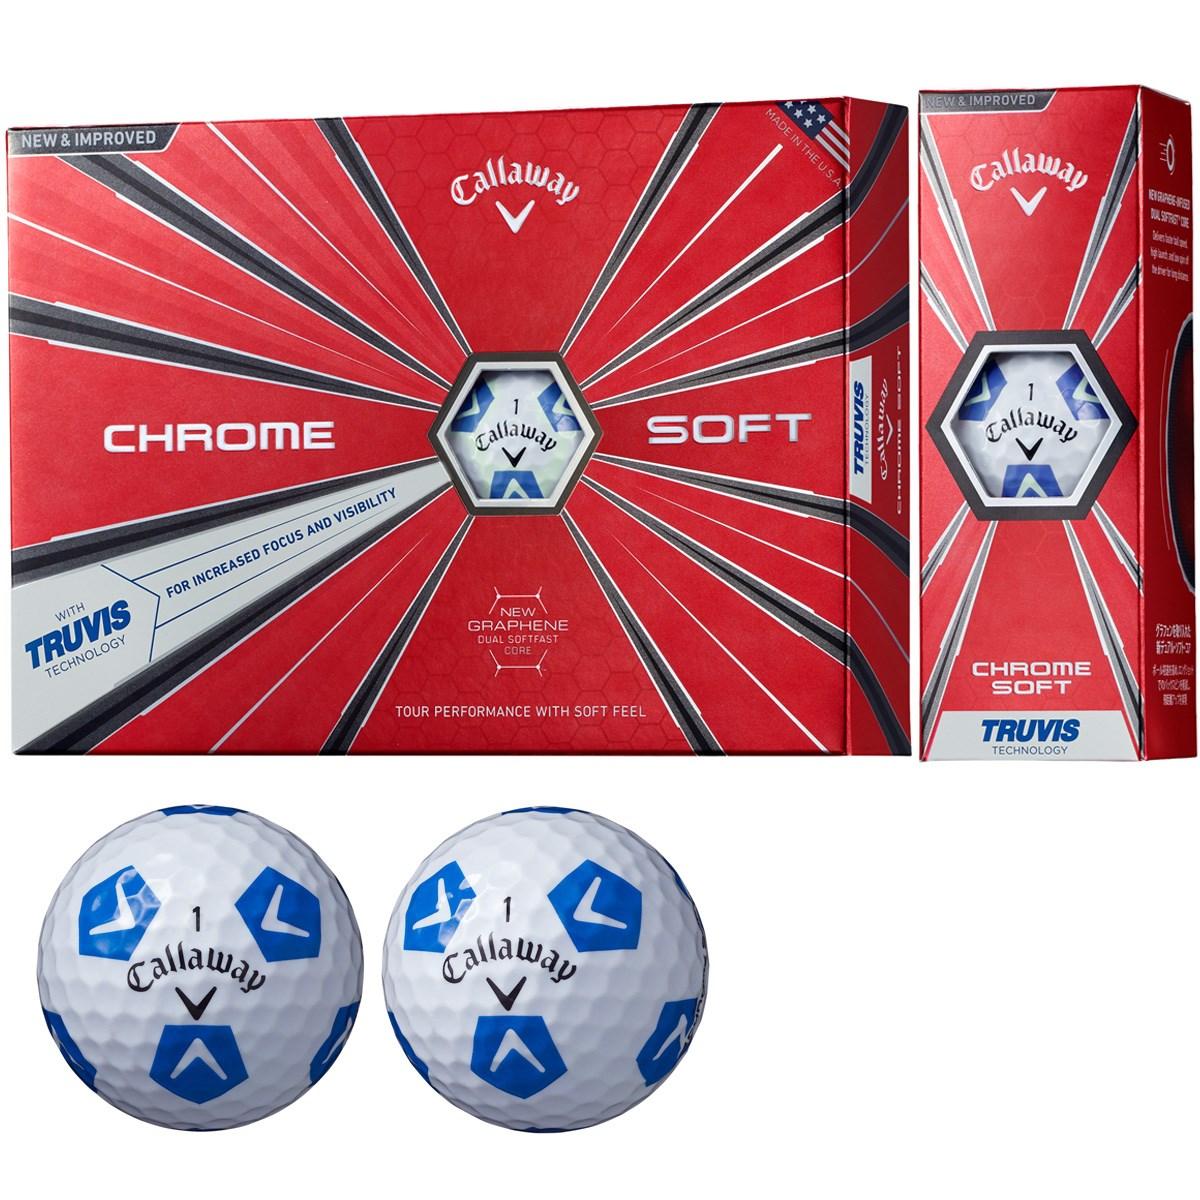 キャロウェイゴルフ CHROM SOFT CHROME SOFT TRUVIS ボール【ホワイト/ブルー】 1ダース(12個入り) ホワイト/ブルー